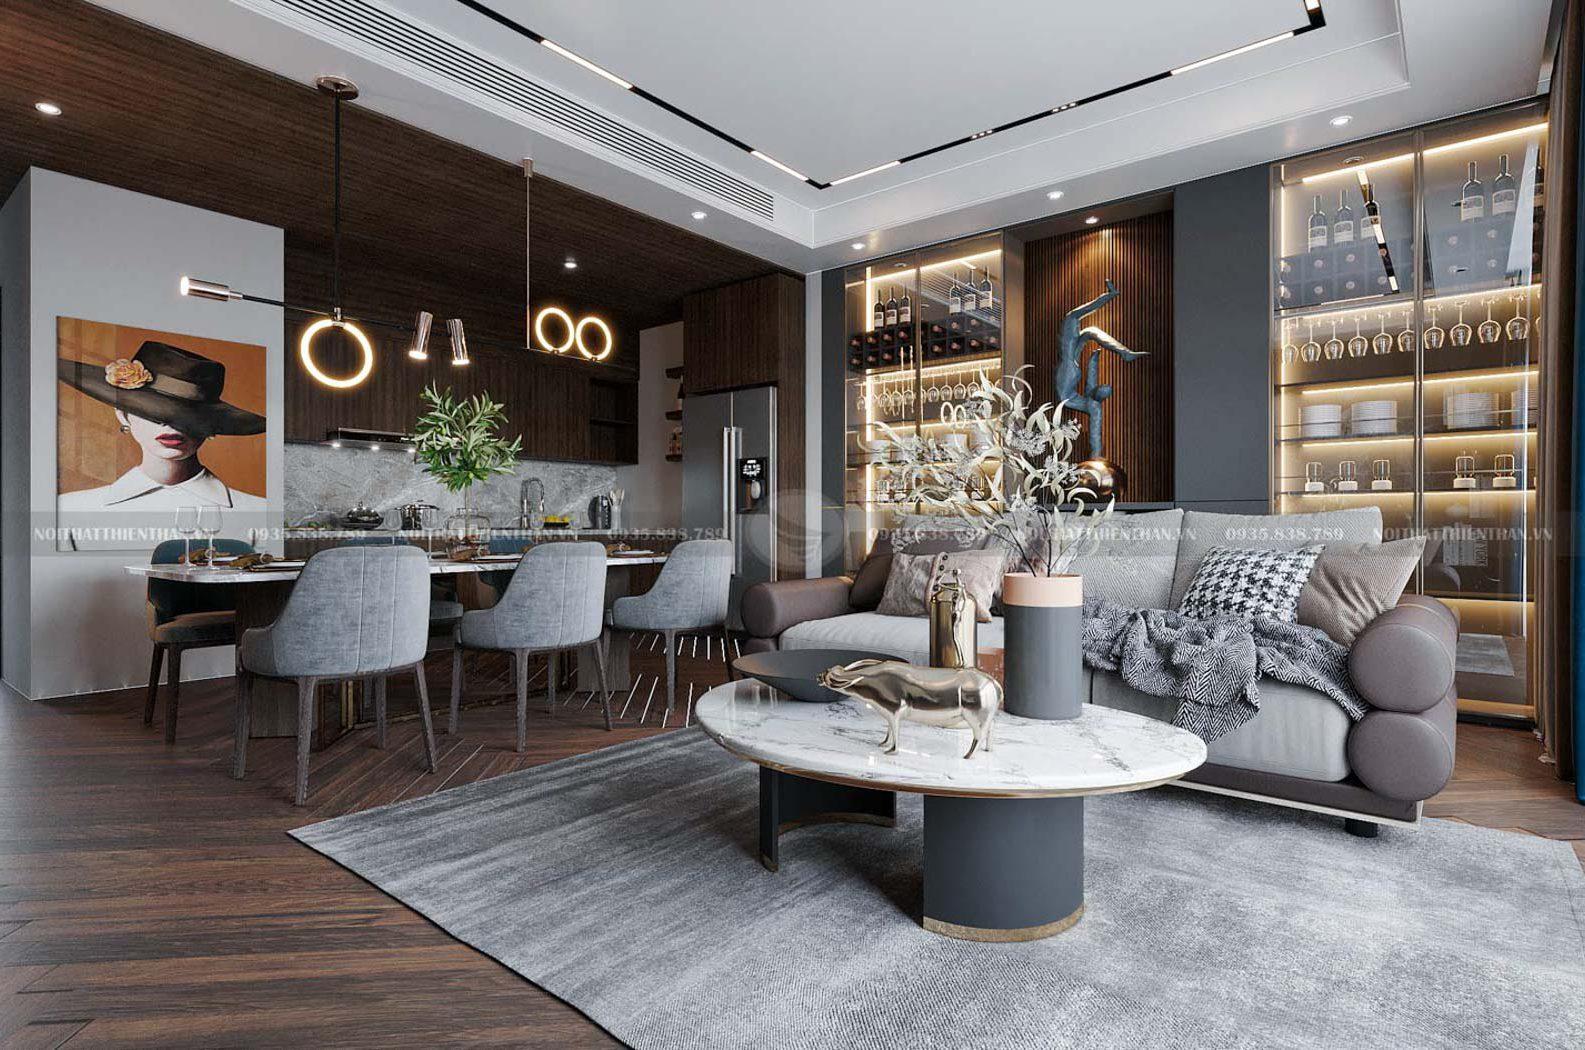 thiết kế nội thất căn hộ chung cư splendora an khánh đẹp nhất việt nam